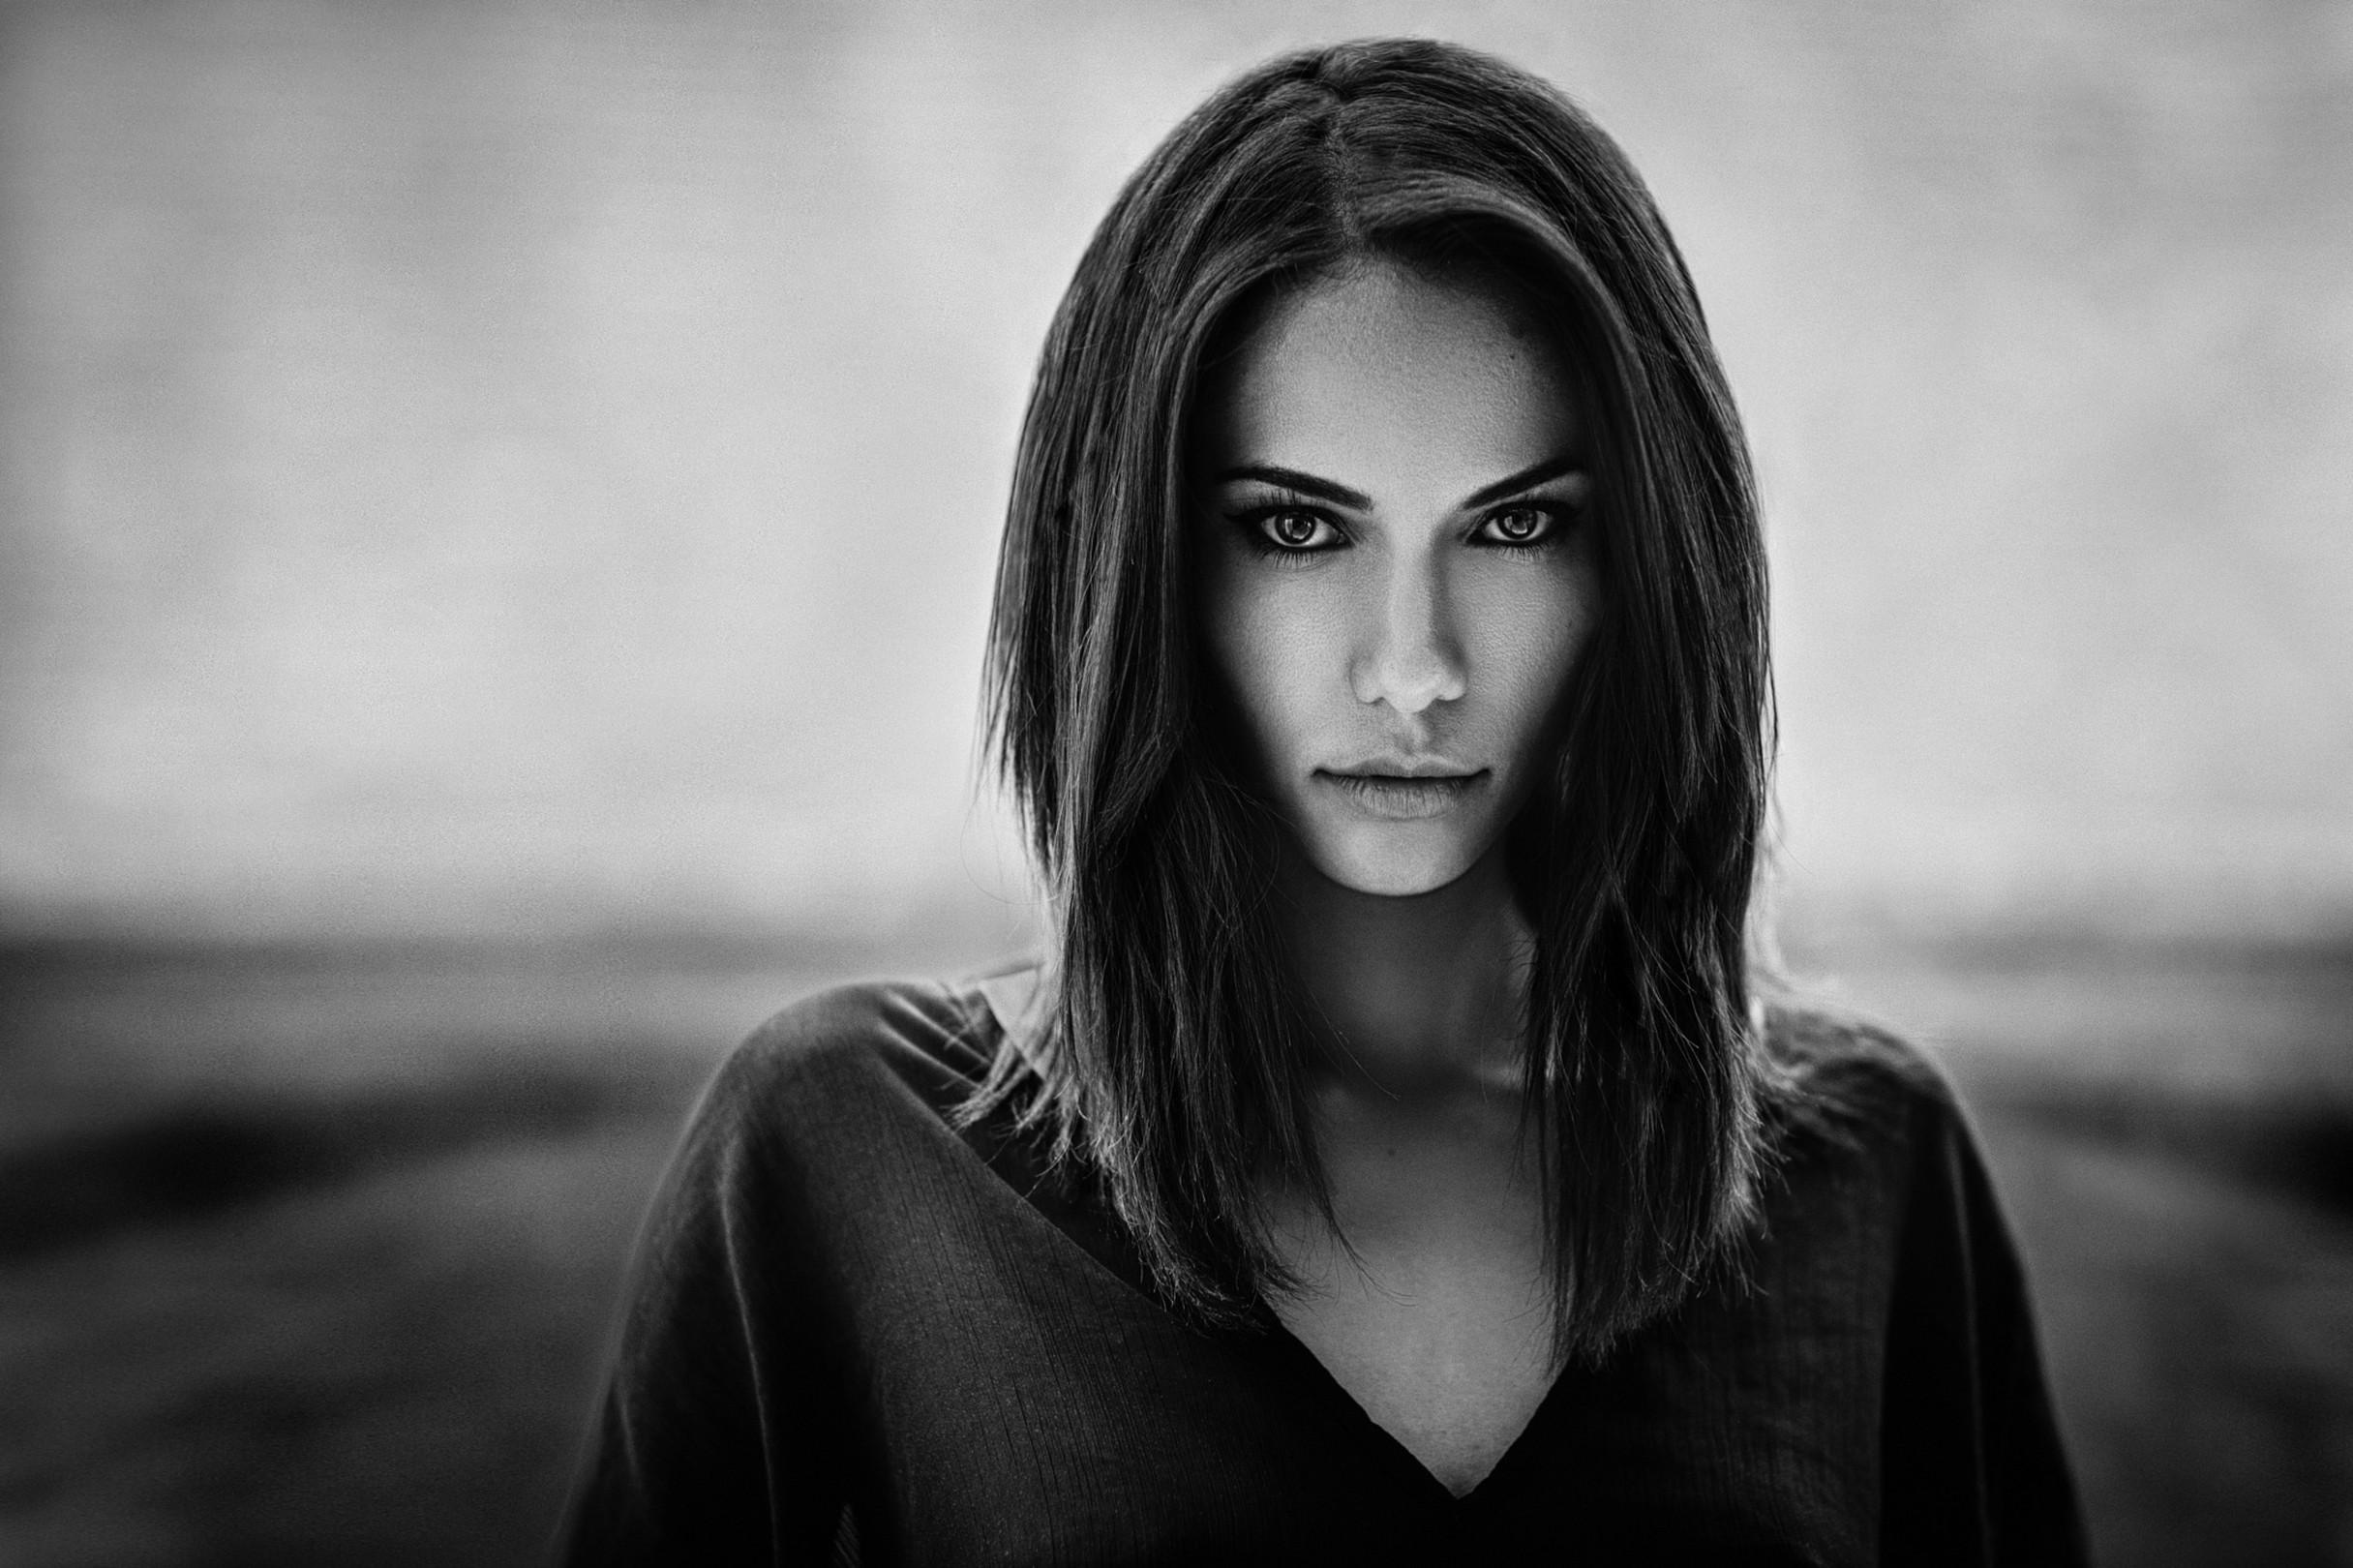 хотим, как сделать красивое черно белое фото вызывает стриктуру протока